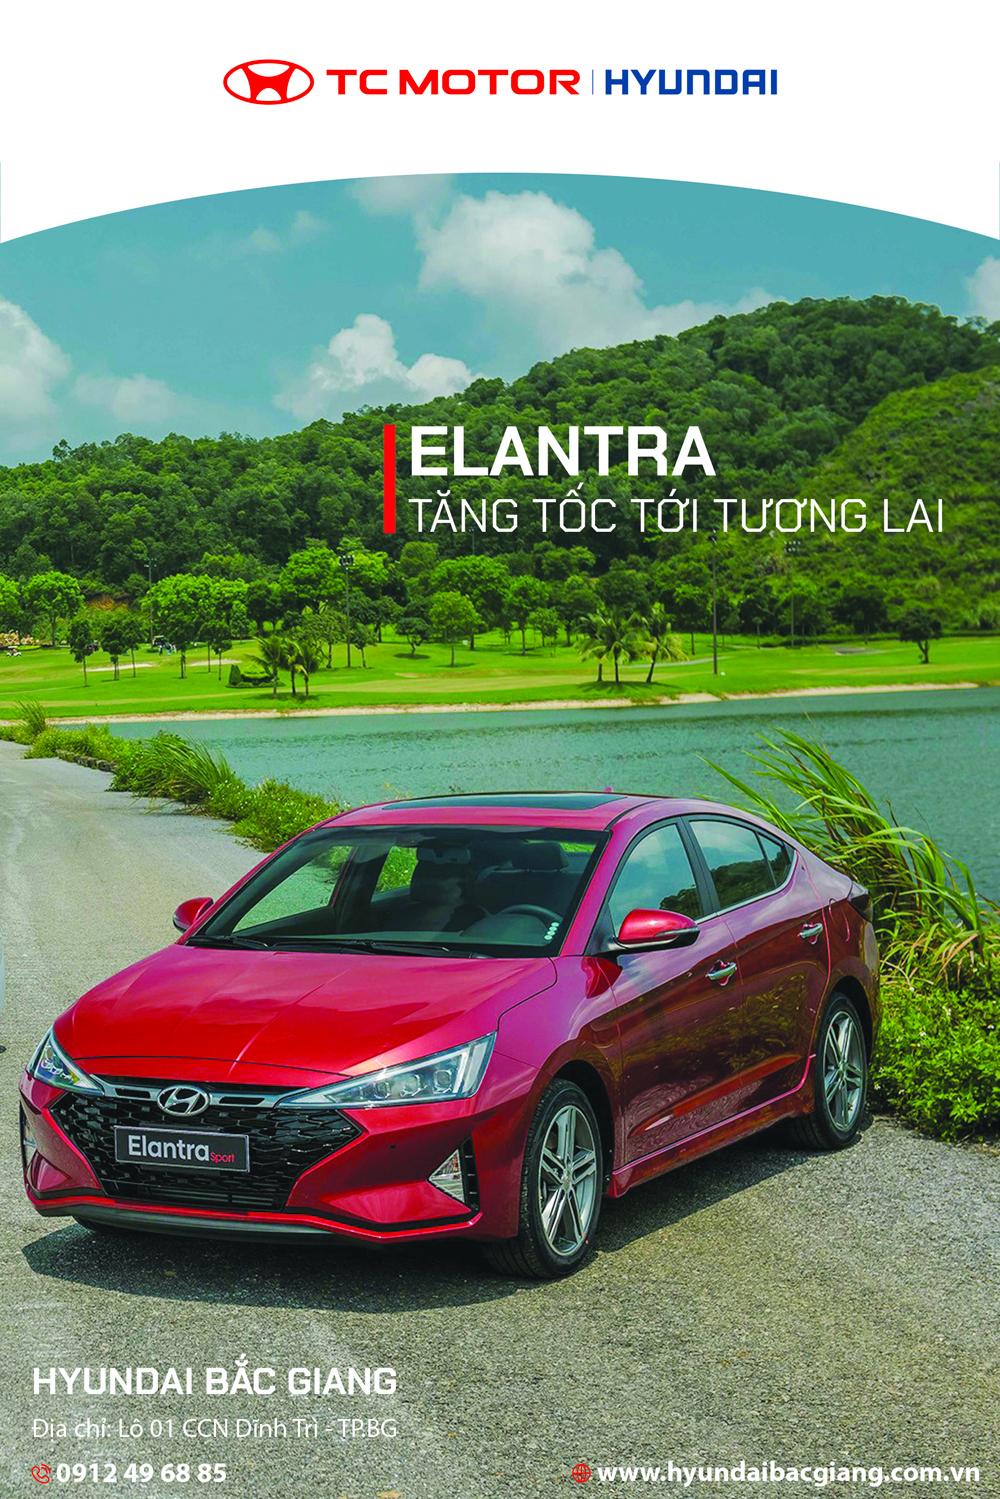 Hyundai Elantra, Tăng tốc tới tương lai, Hàn Quốc, Hyundai